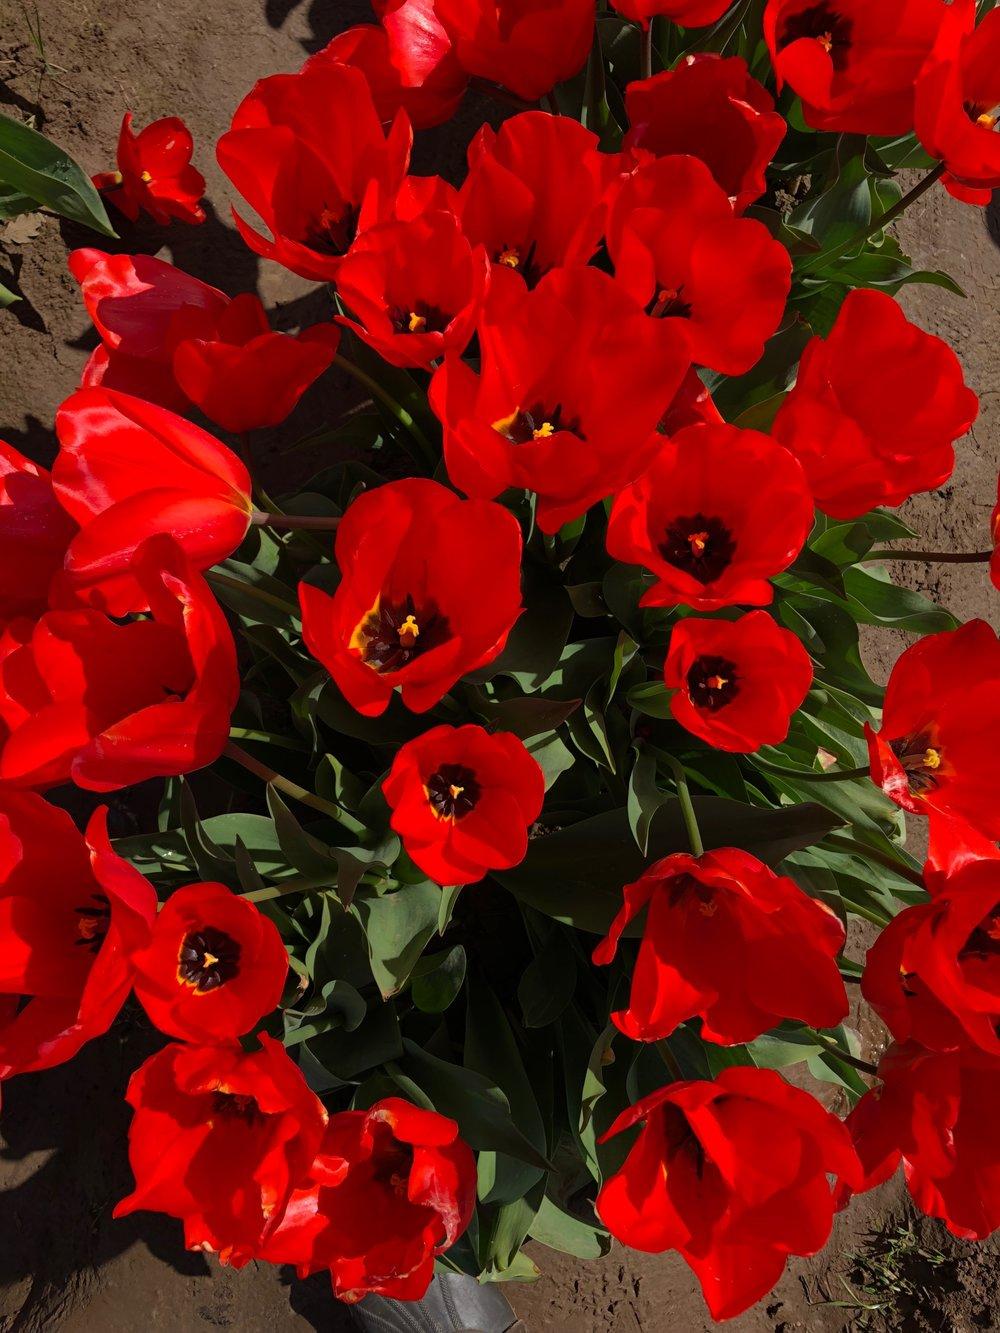 JPEG image-53001E020B2C-10.jpeg